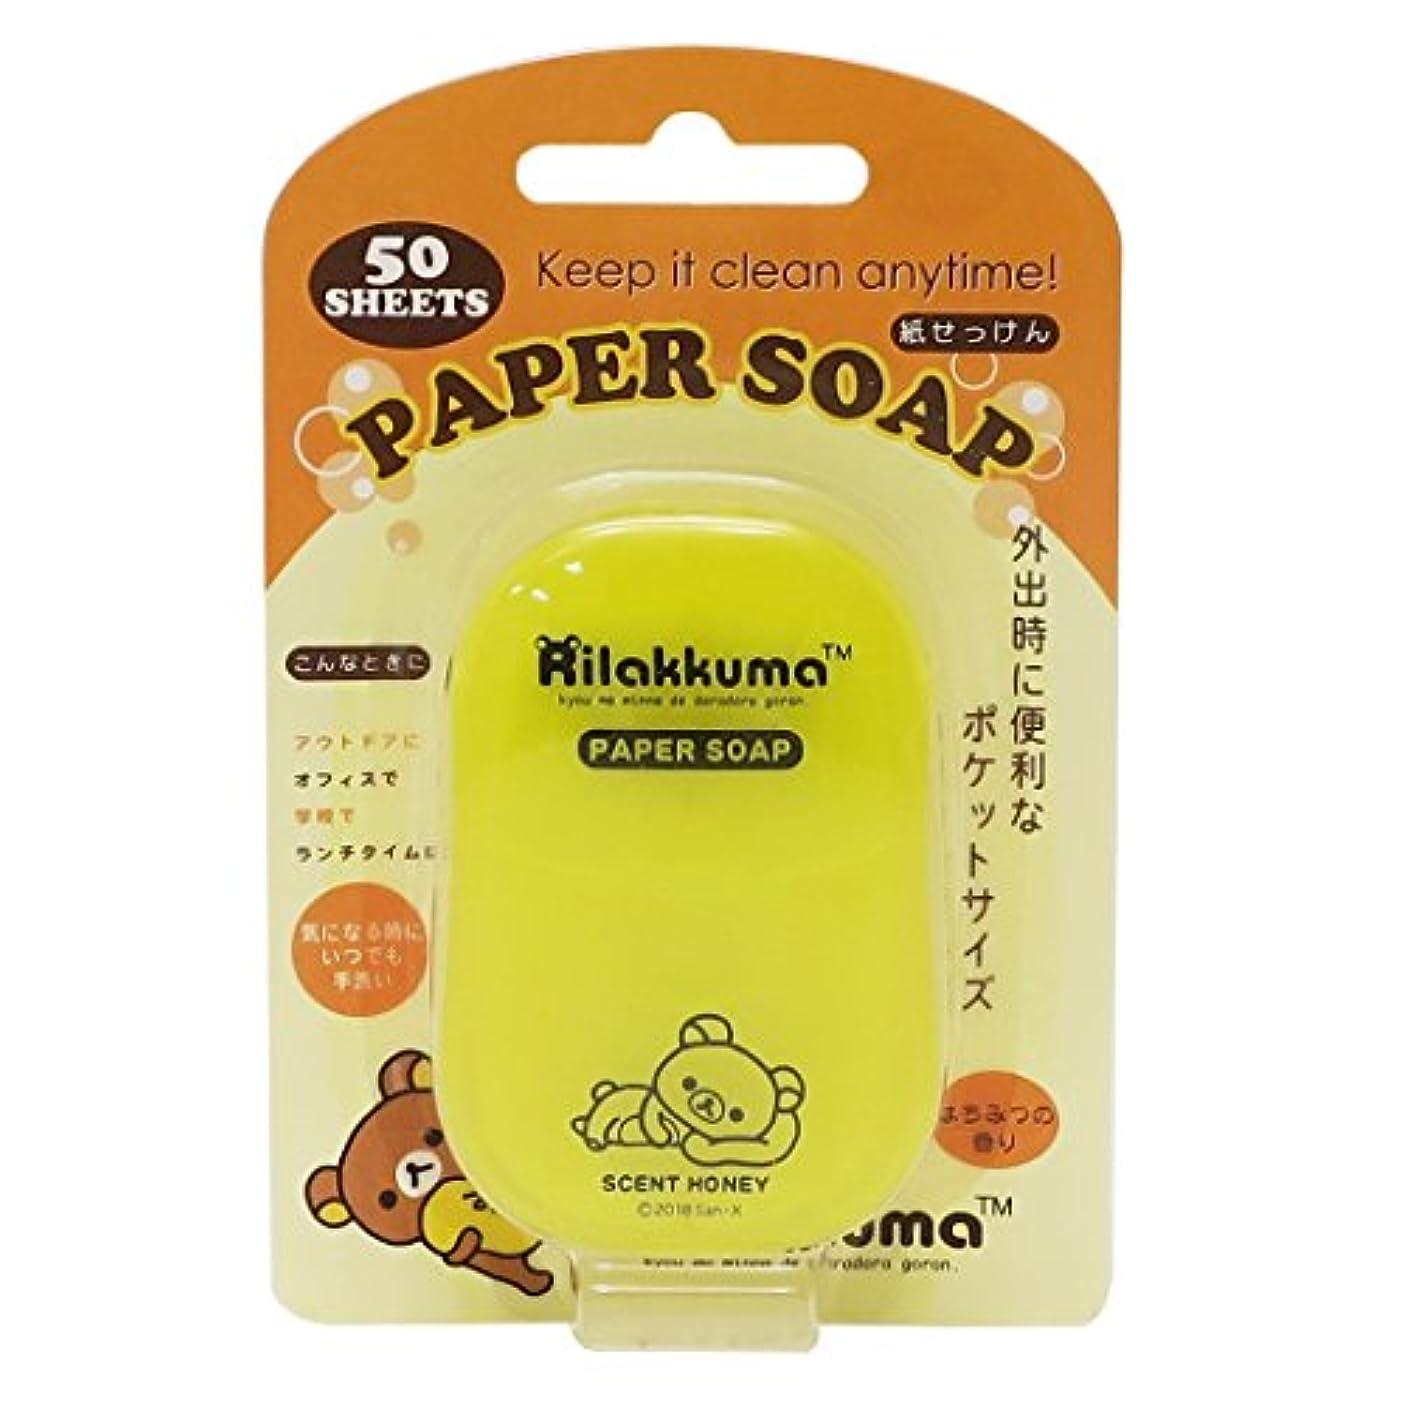 祈り店員意味のあるリラックマ[衛生雑貨]紙せっけん50枚入り/はちみつの香り サンエックス